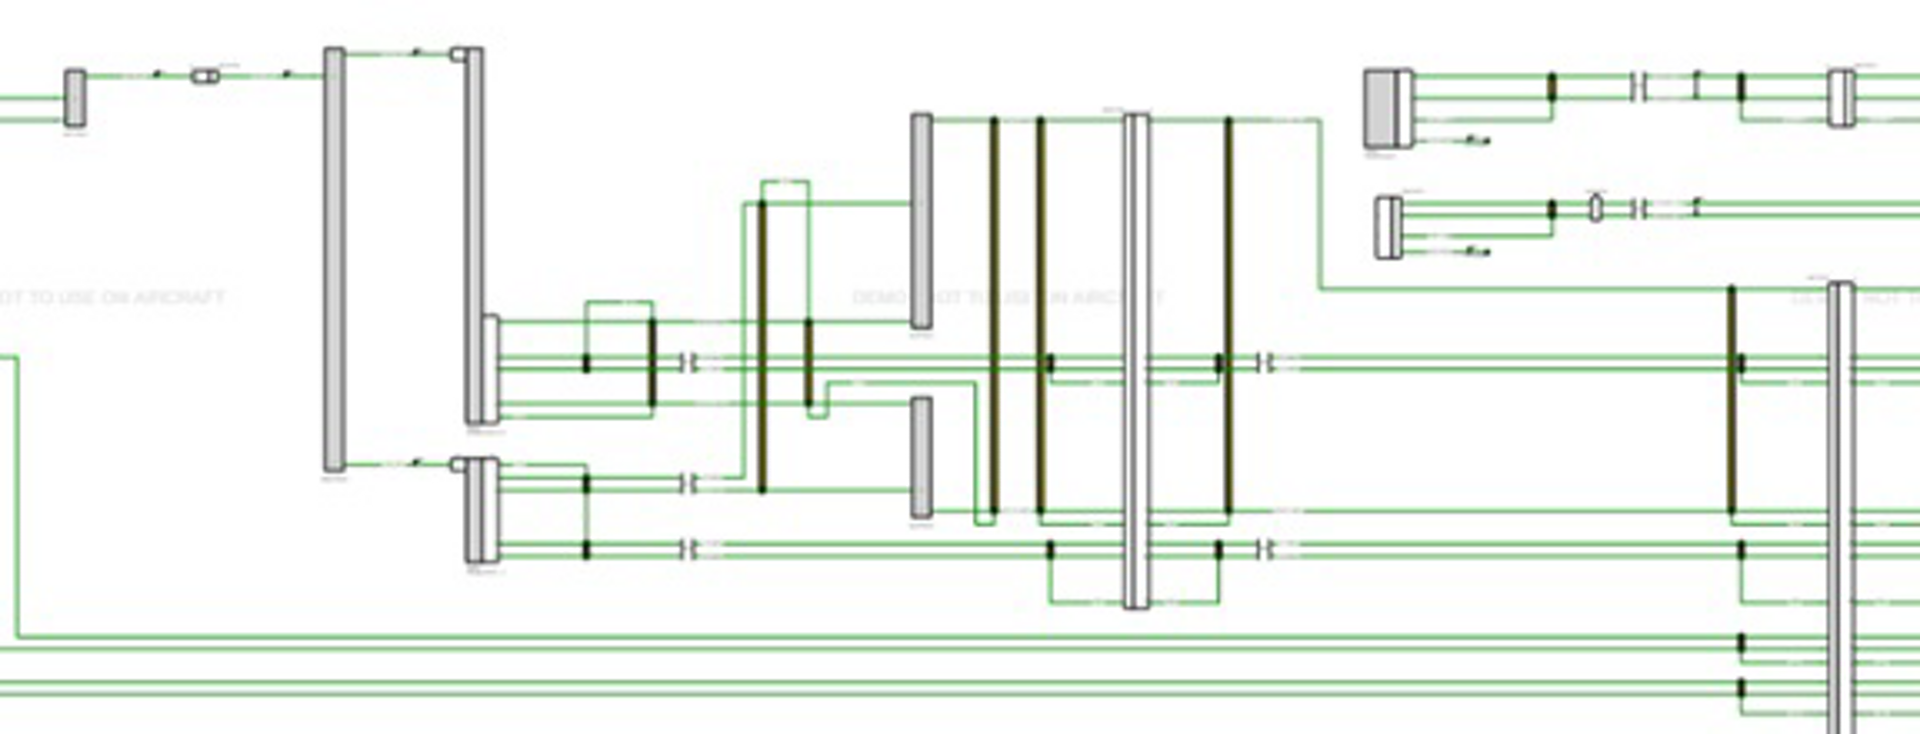 4 GenEWIS Wiring Diagram